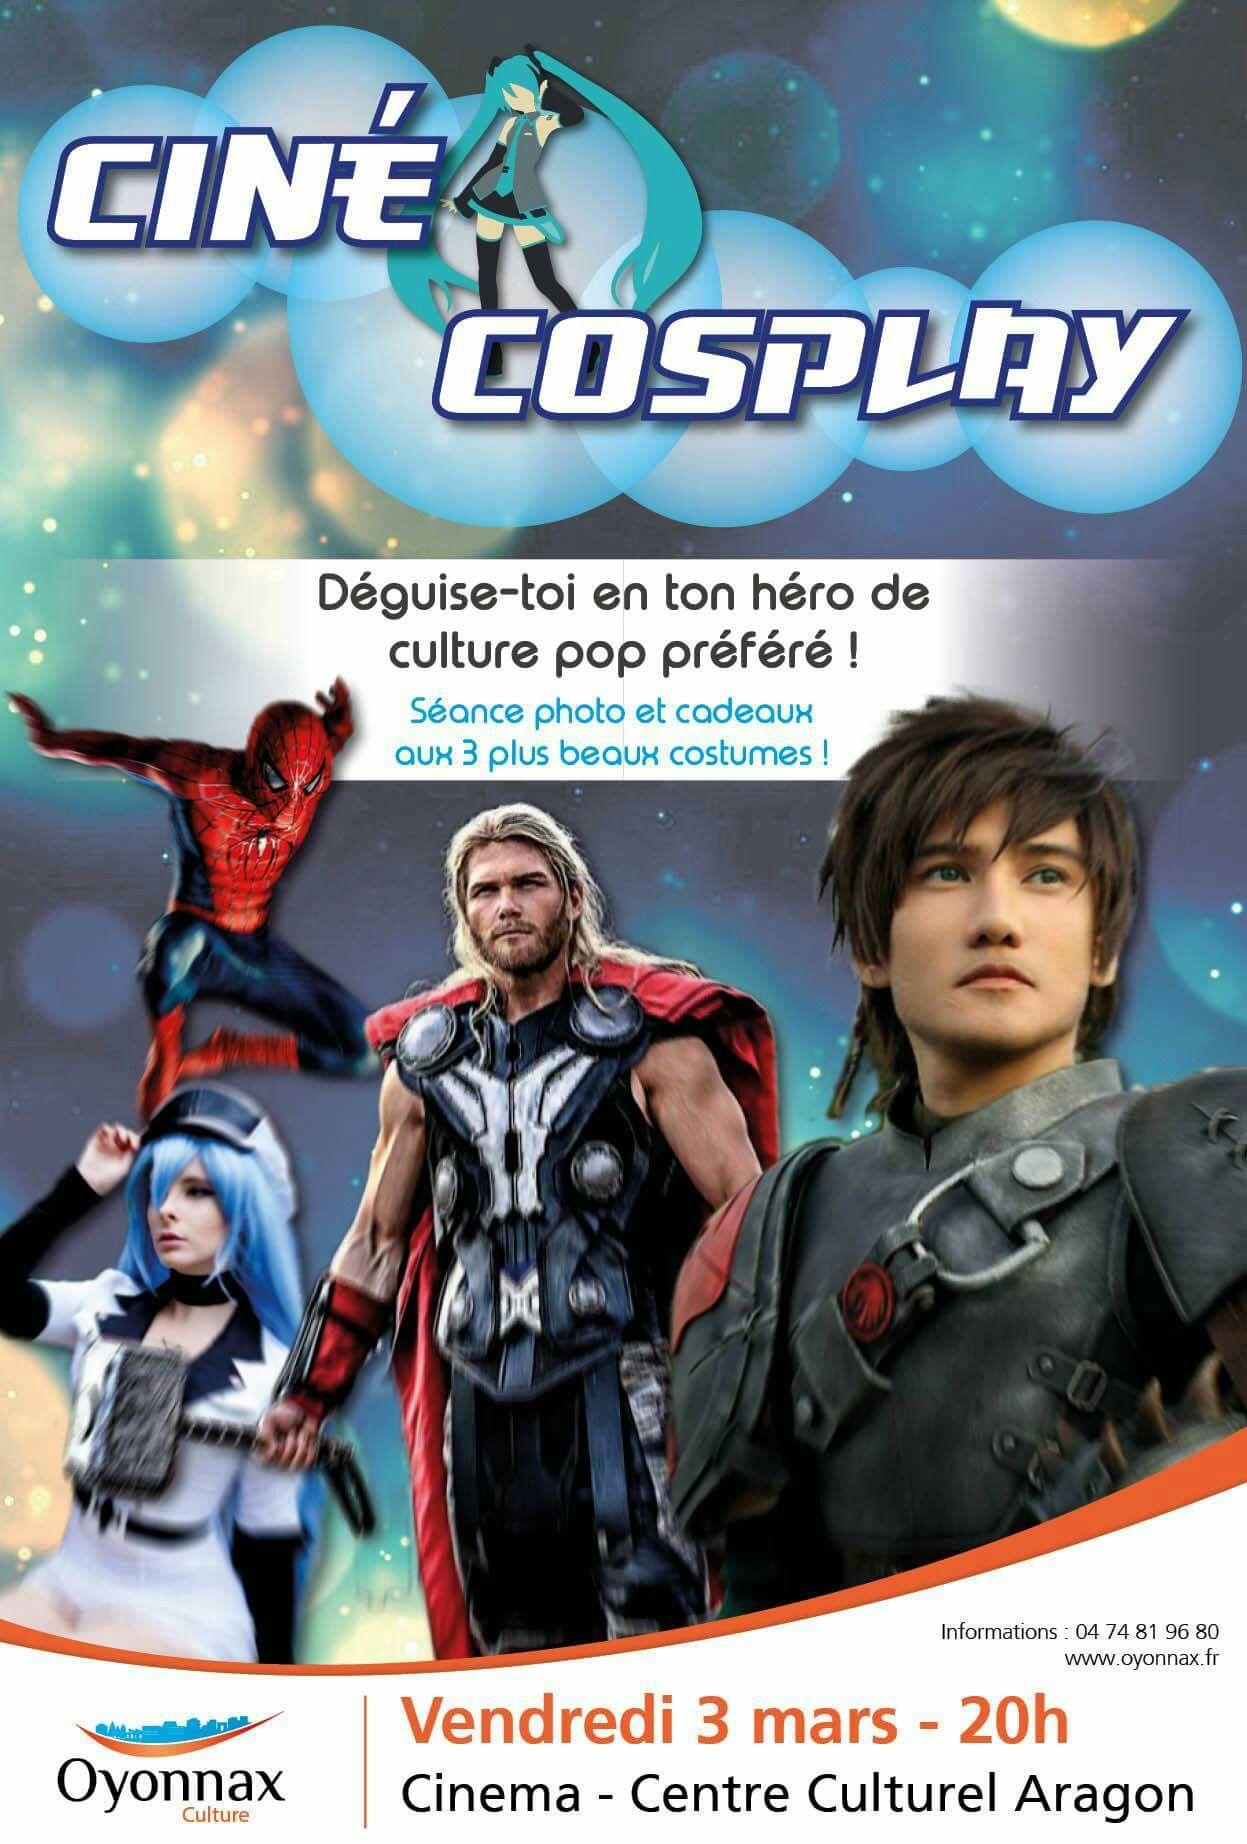 Affiche événement ciné cosplay réalisé au Centre Culturel Aragon à Oyonnax